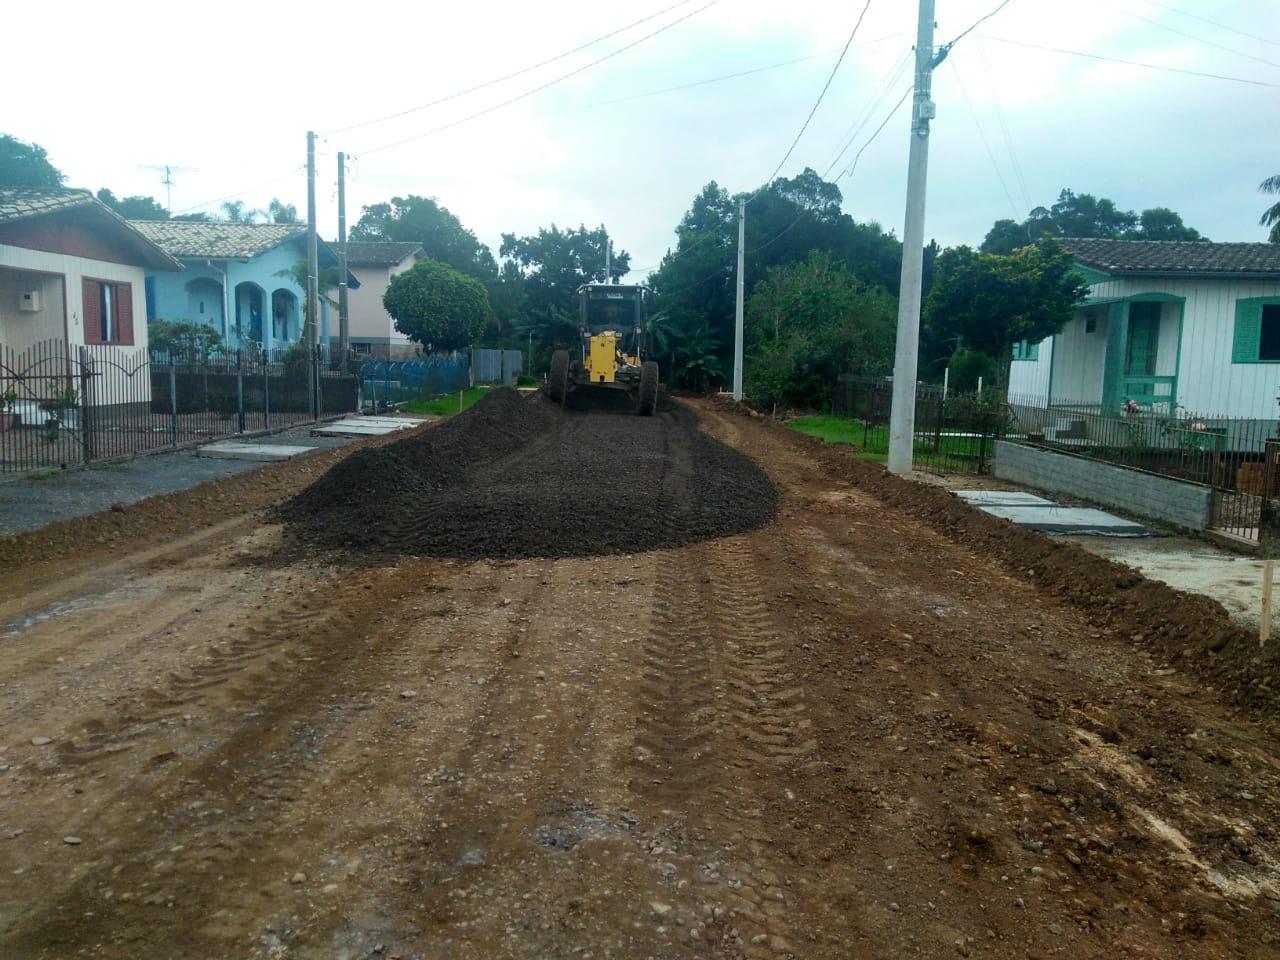 Obras públicas serão retomadas em Nova Veneza